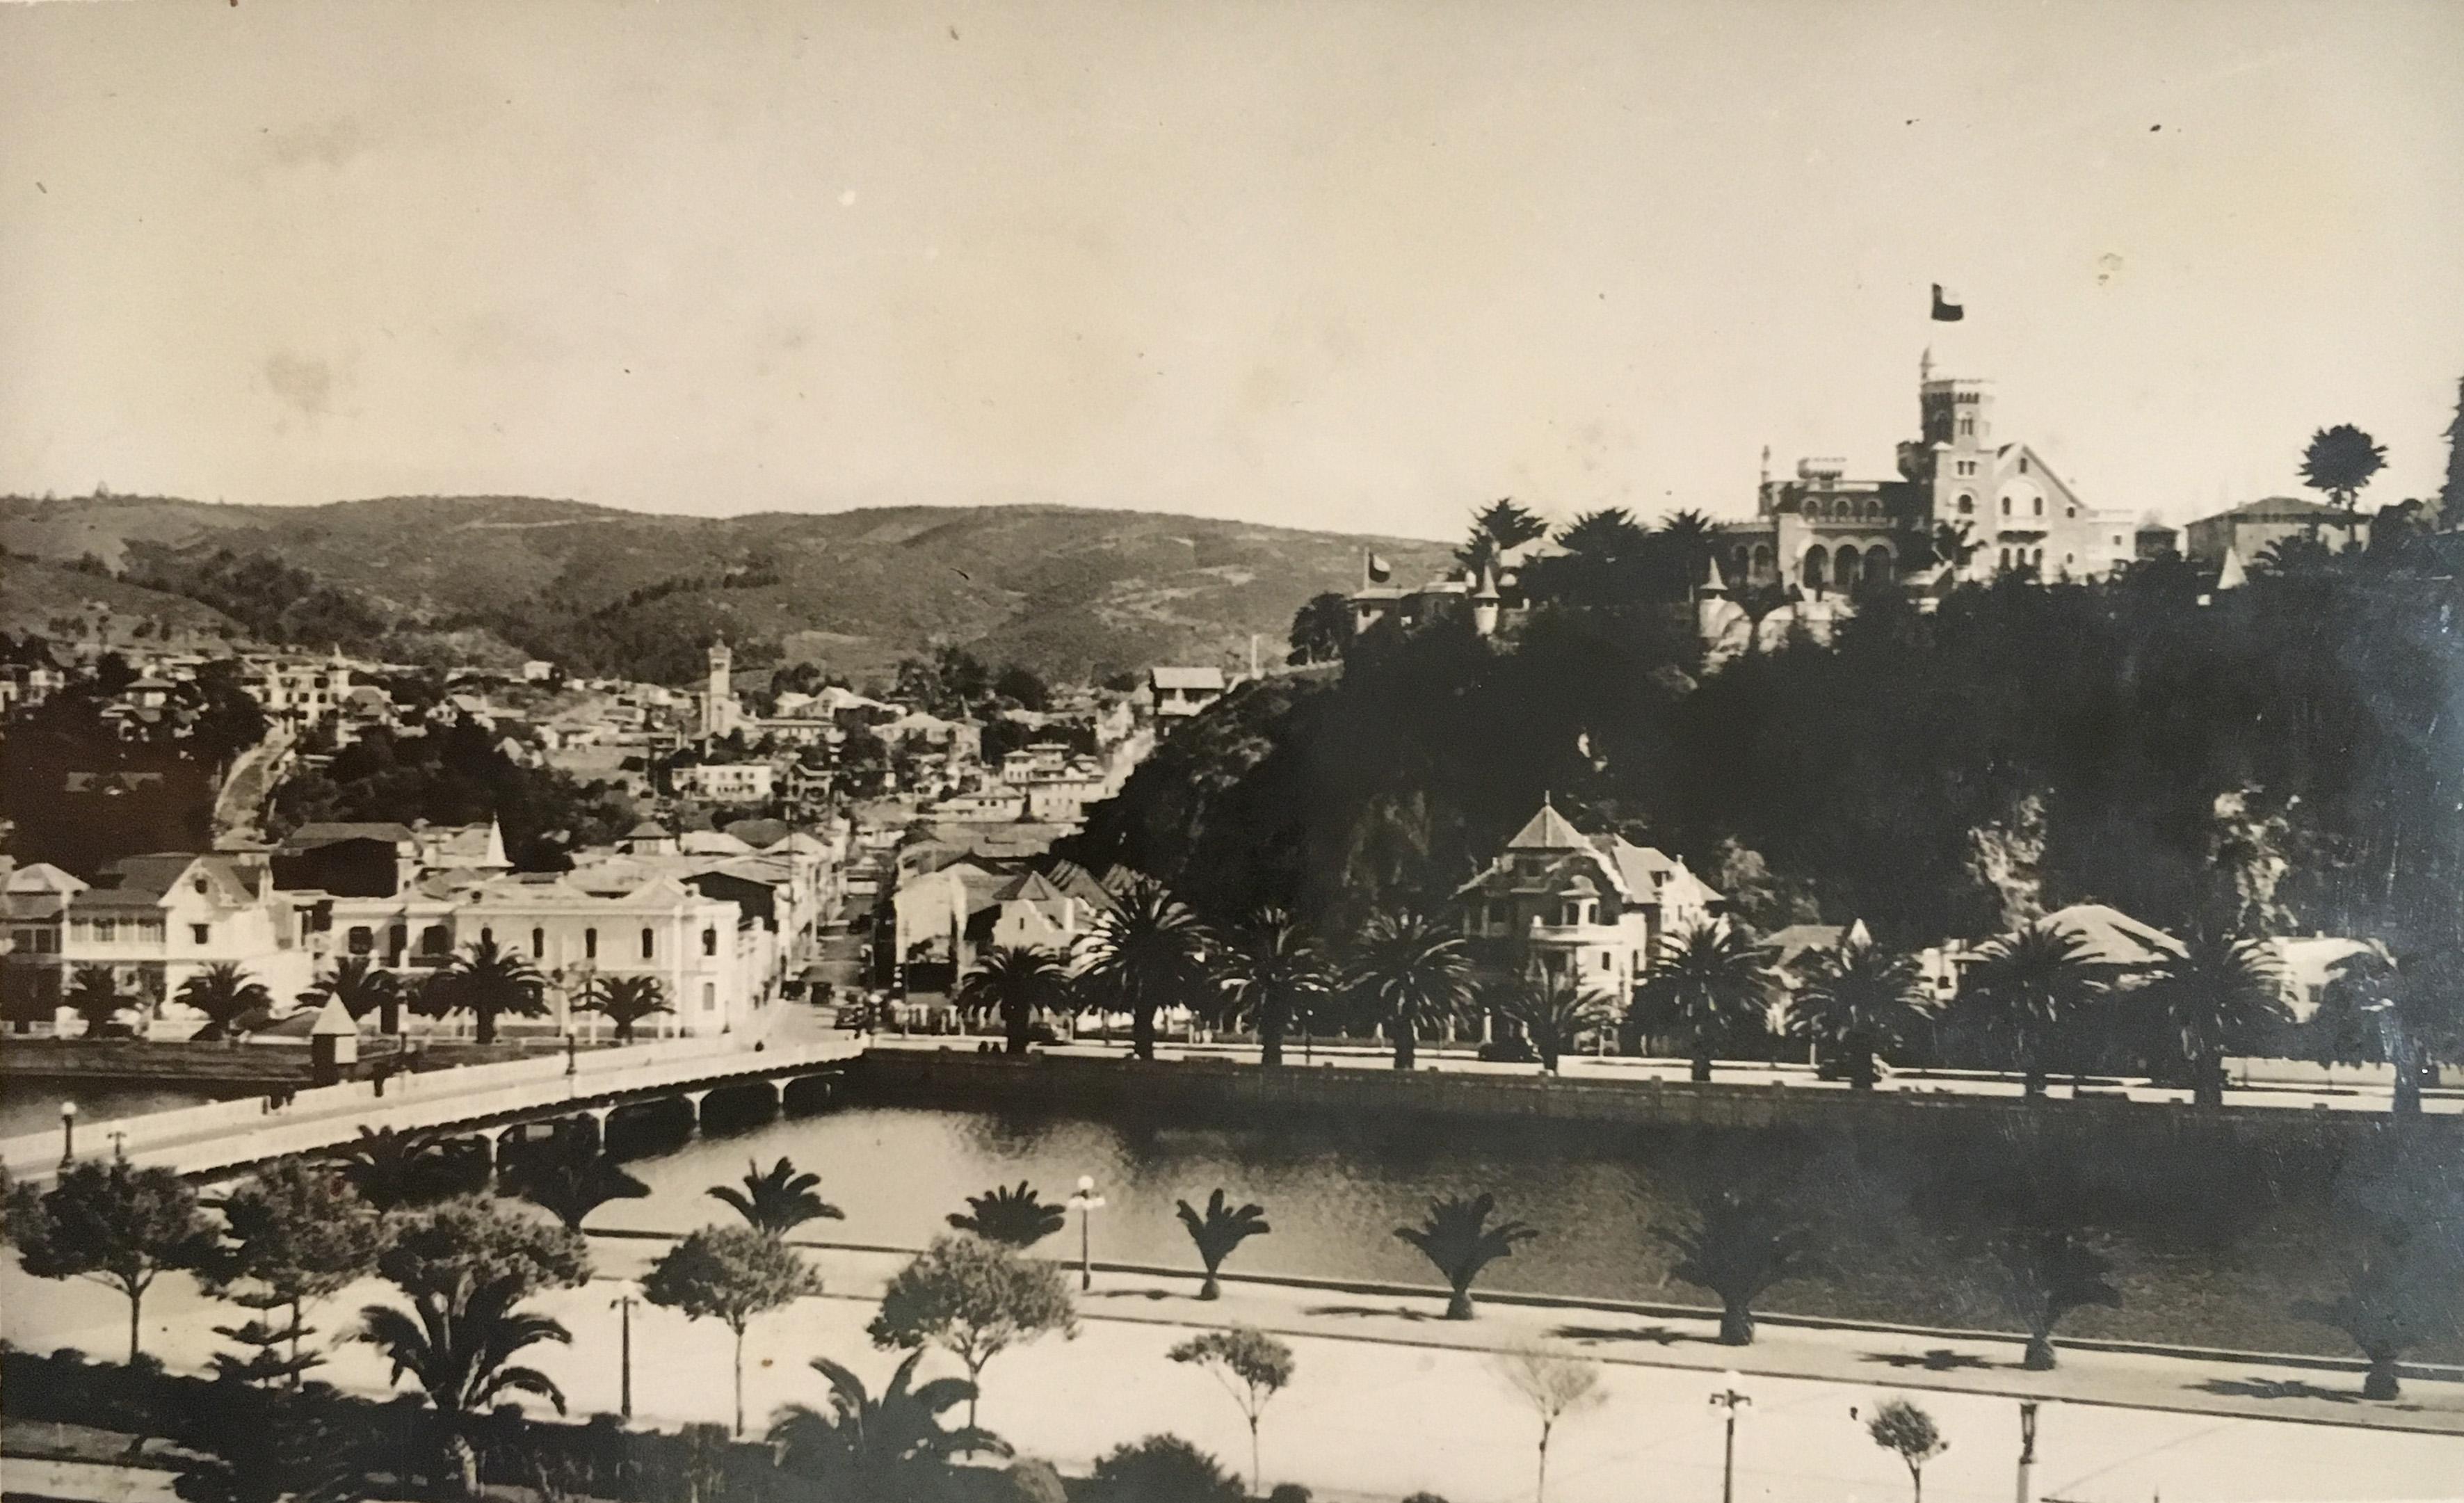 Enterreno - Fotos históricas de chile - fotos antiguas de Chile - Palacio Brunet y Estero Marga Marga, 1939